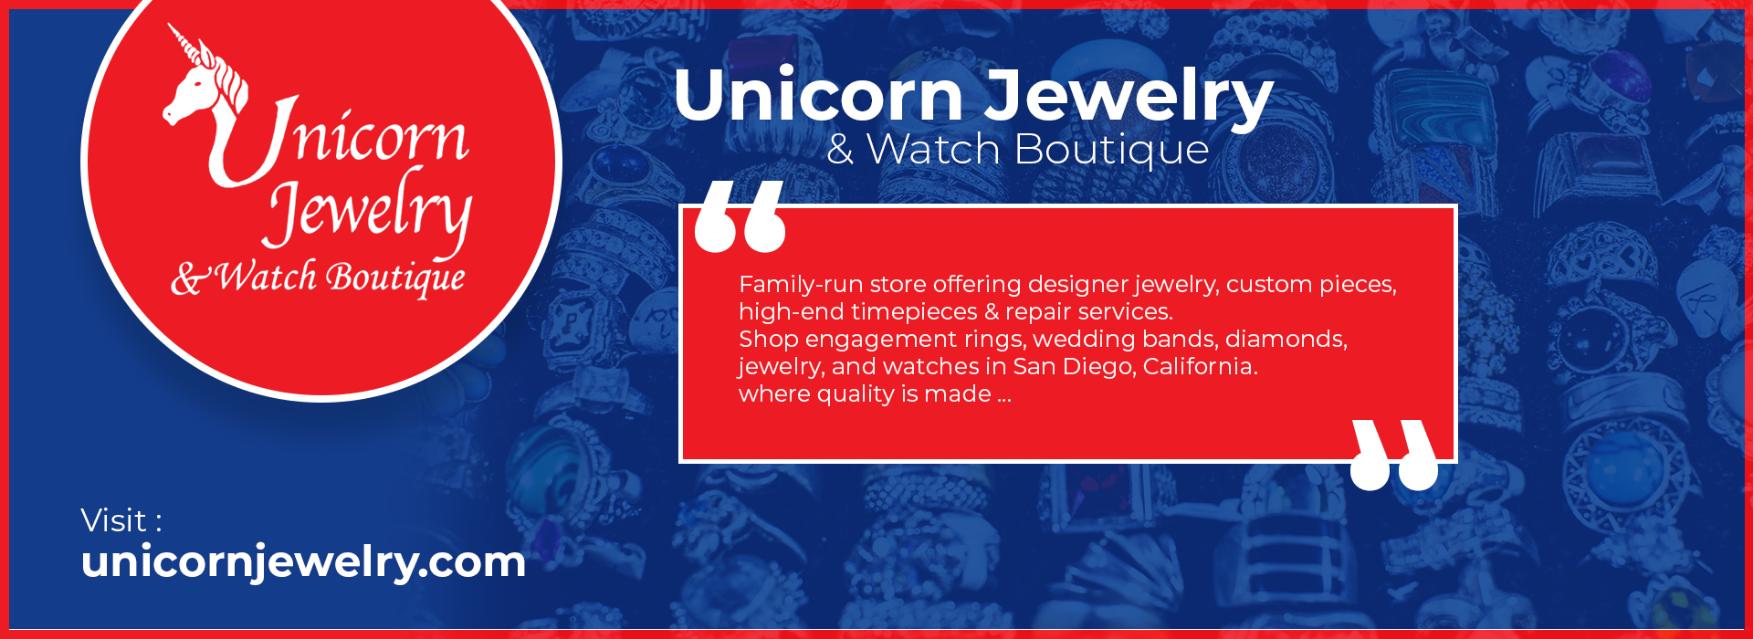 Unicorn_Jewelry_slider